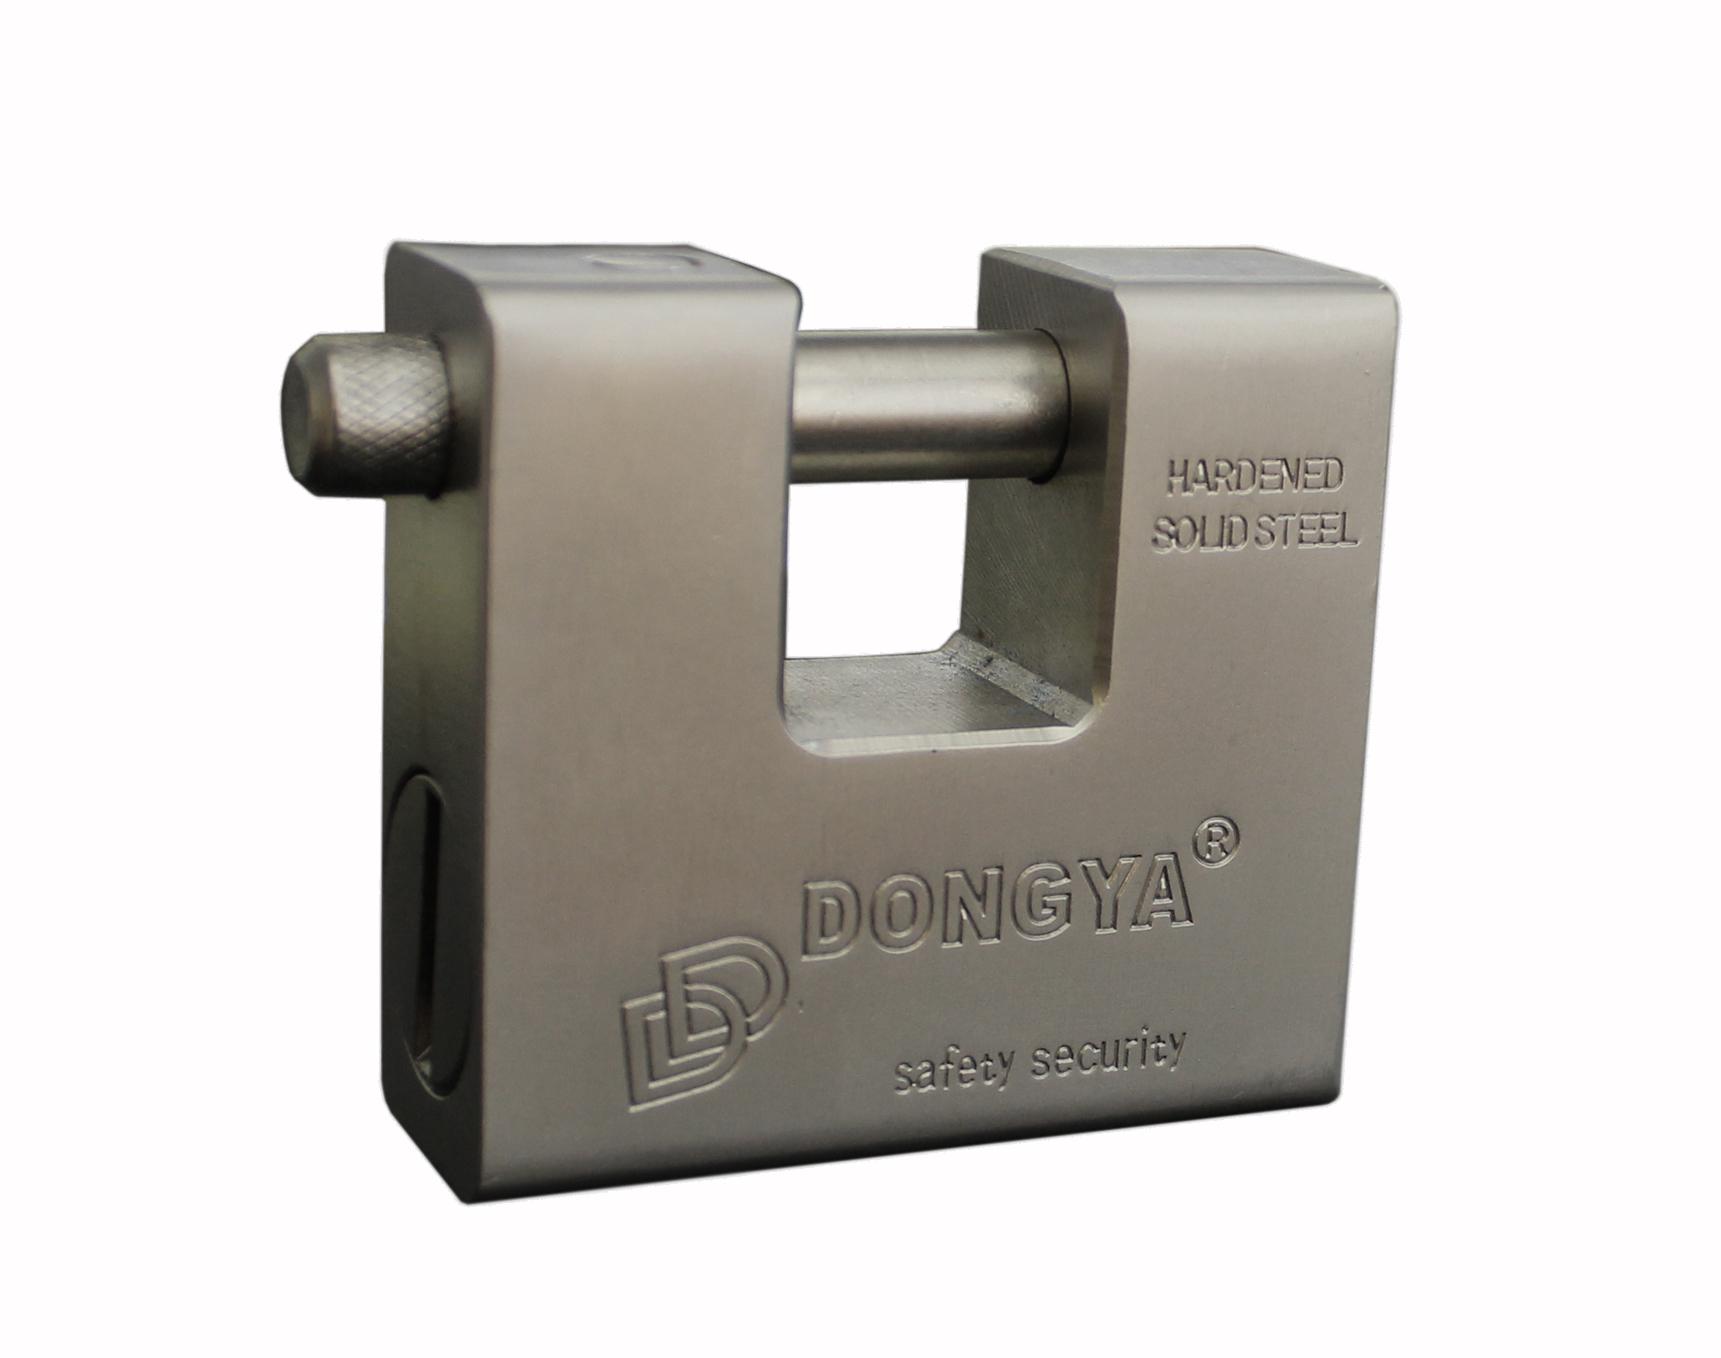 Hänglås till lockbox dongya